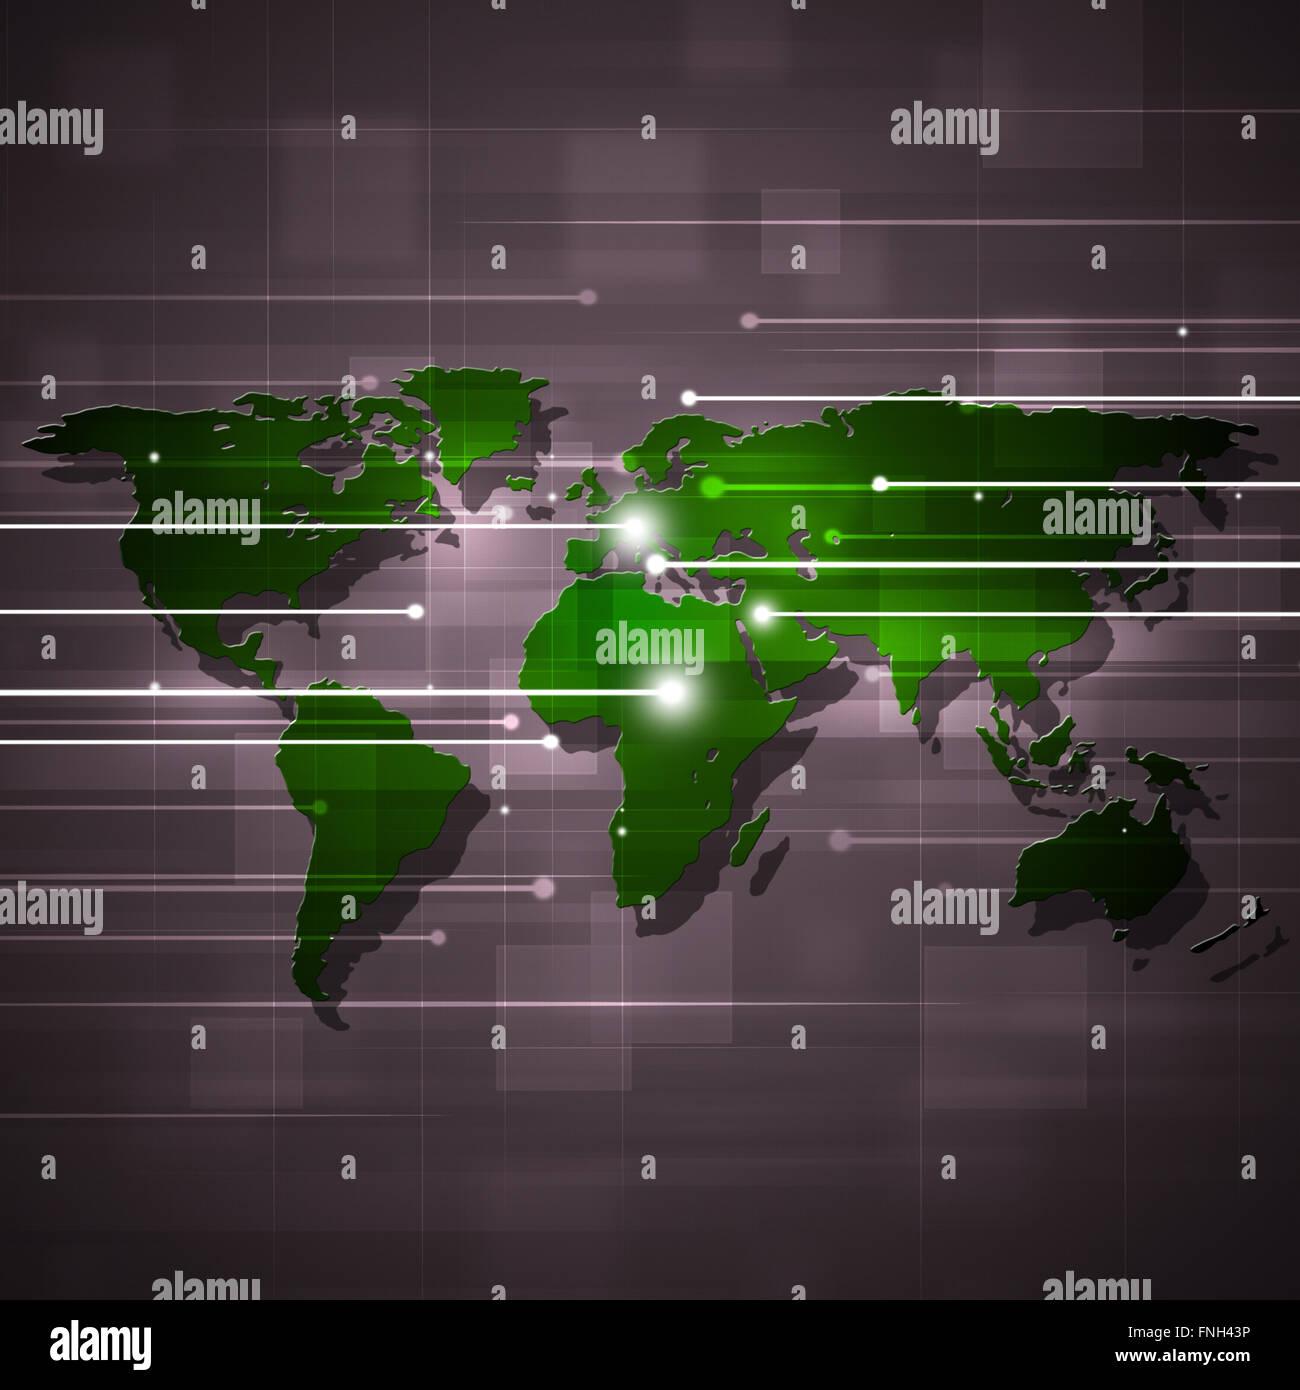 abstrakte geschäftlichen und technologischen Konzept Hintergrund mit grüne Karte Stockbild